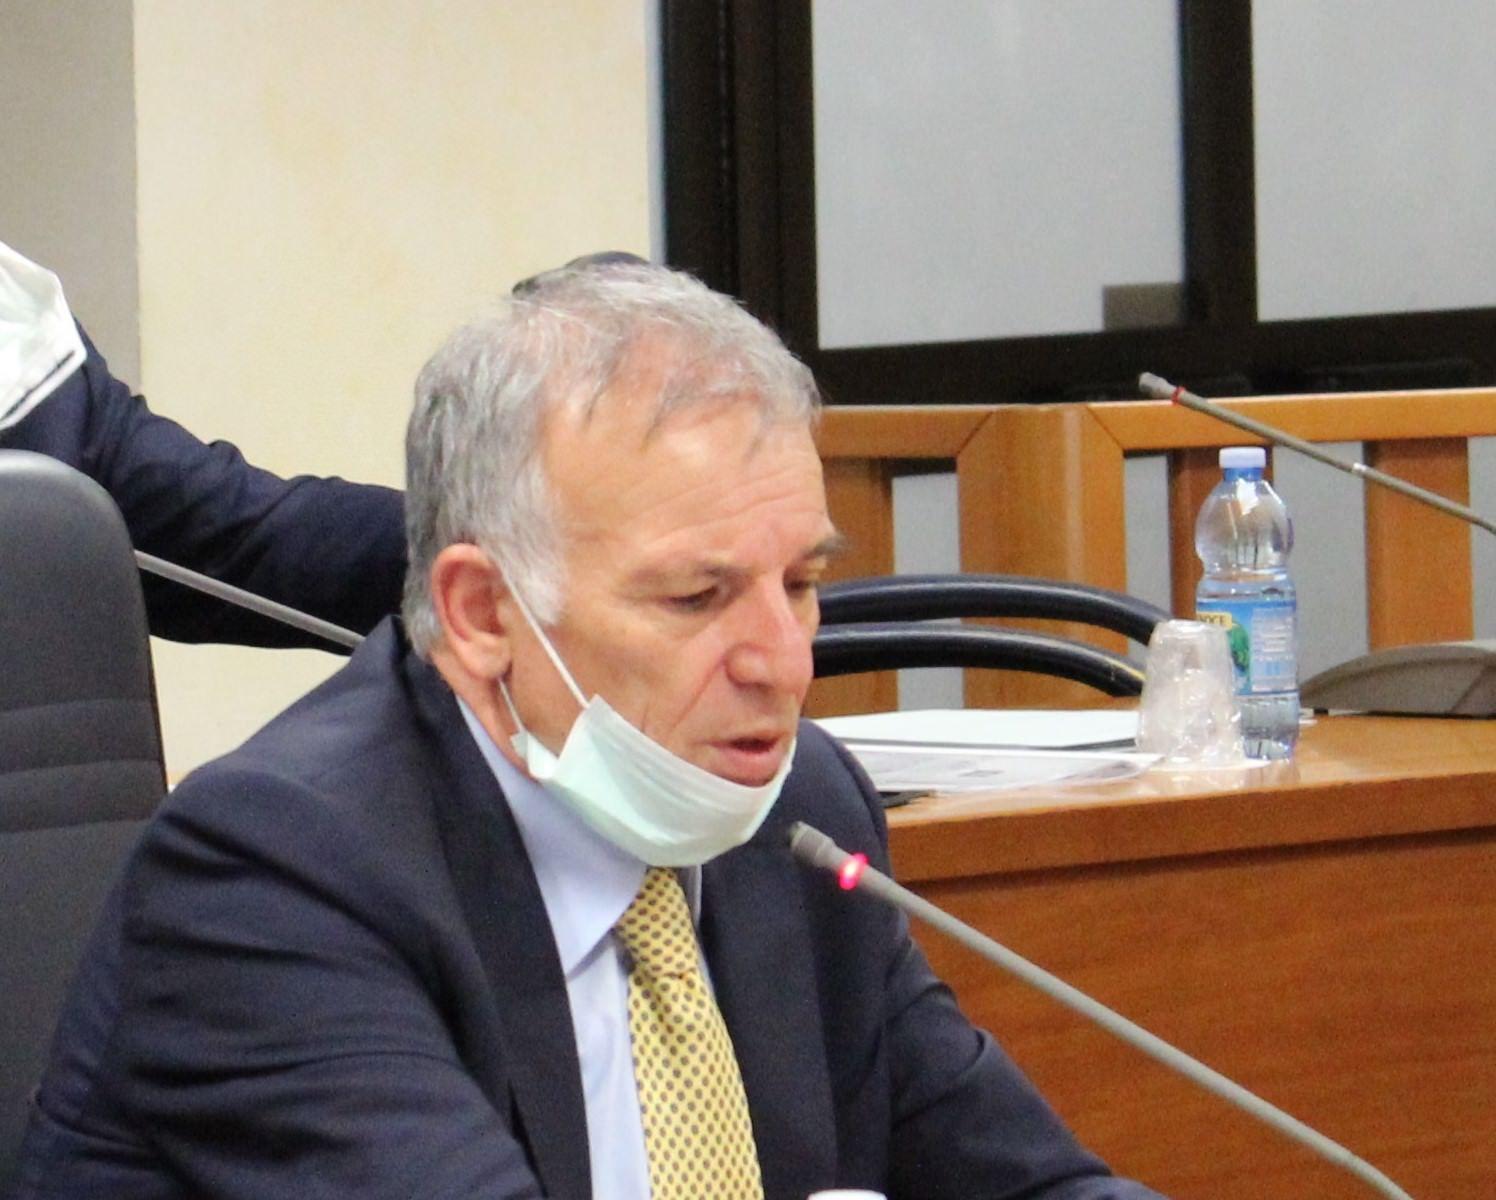 L'aiuto alle farmacie dei Grande Aracri e i voti alle regionali del 2014. Le accuse della Dda a Tallini